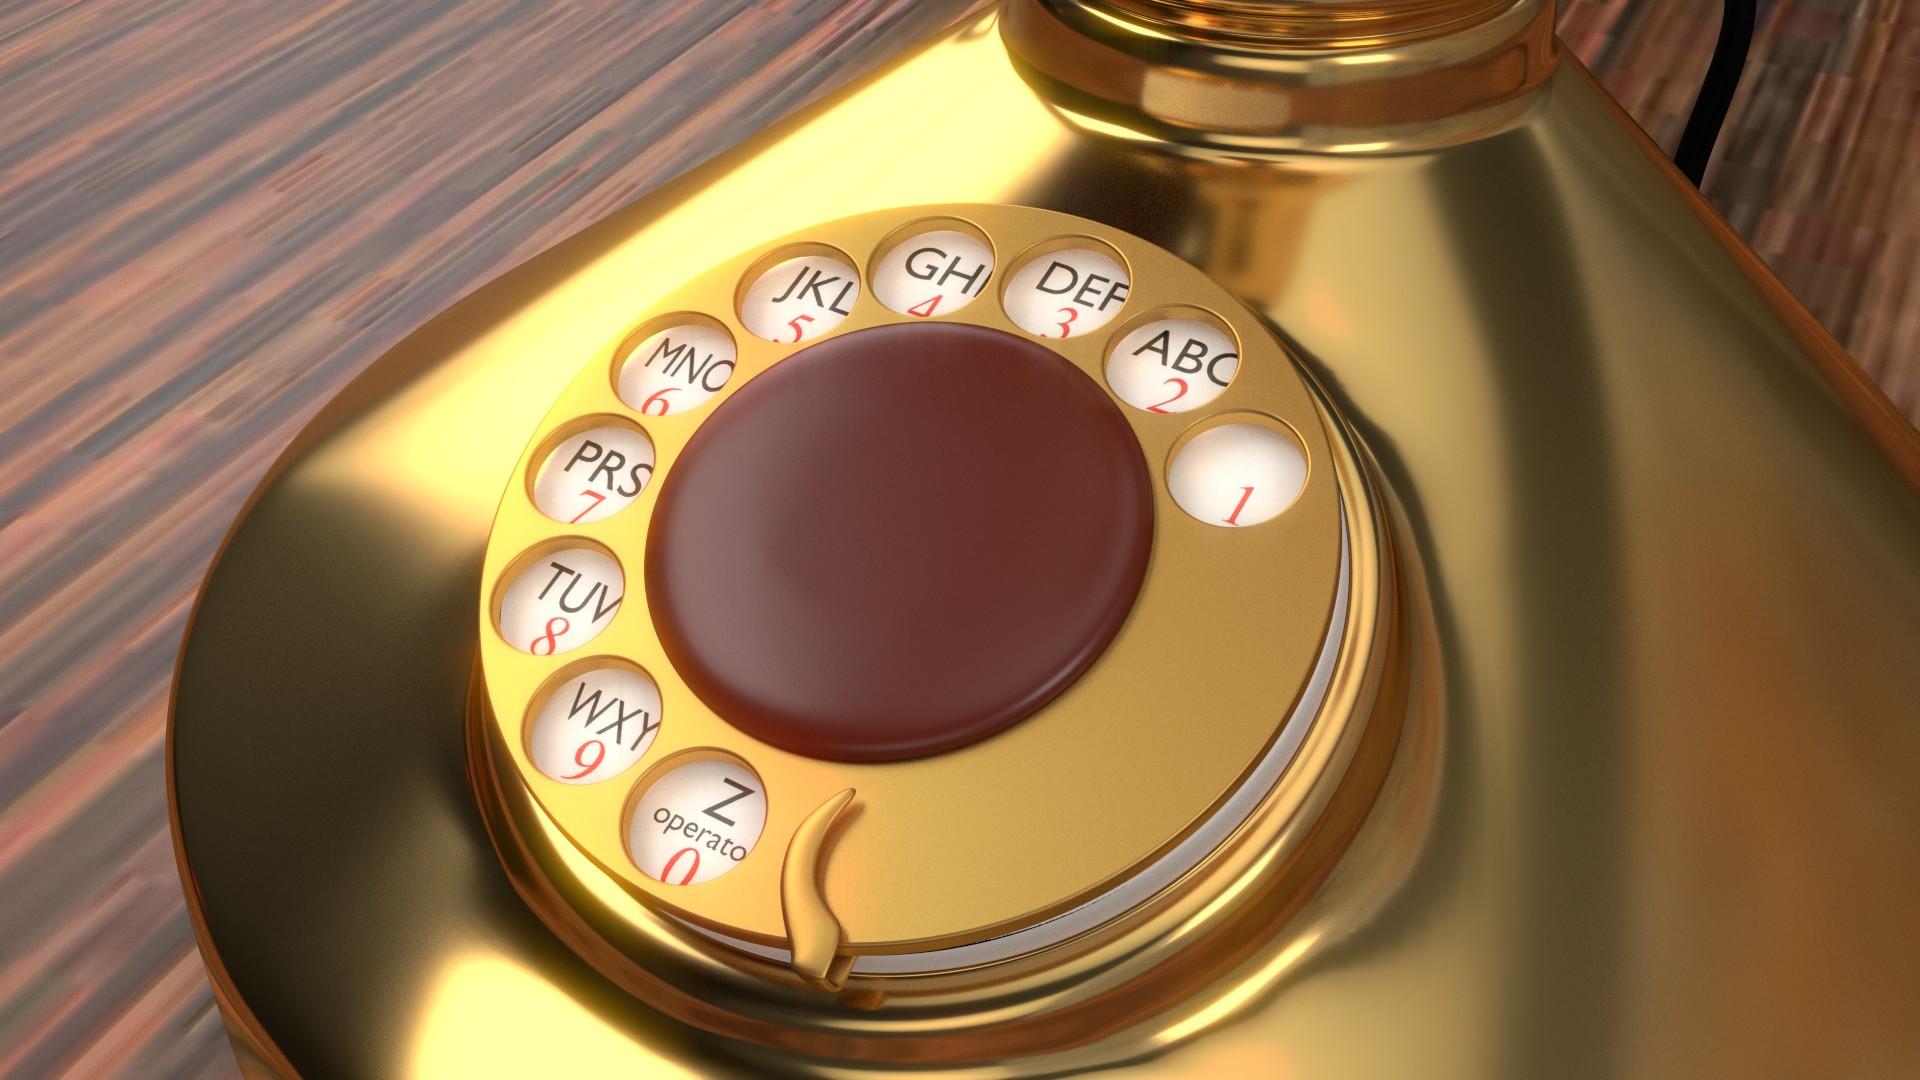 Teléfono de sobremesa-telefono_04.jpg